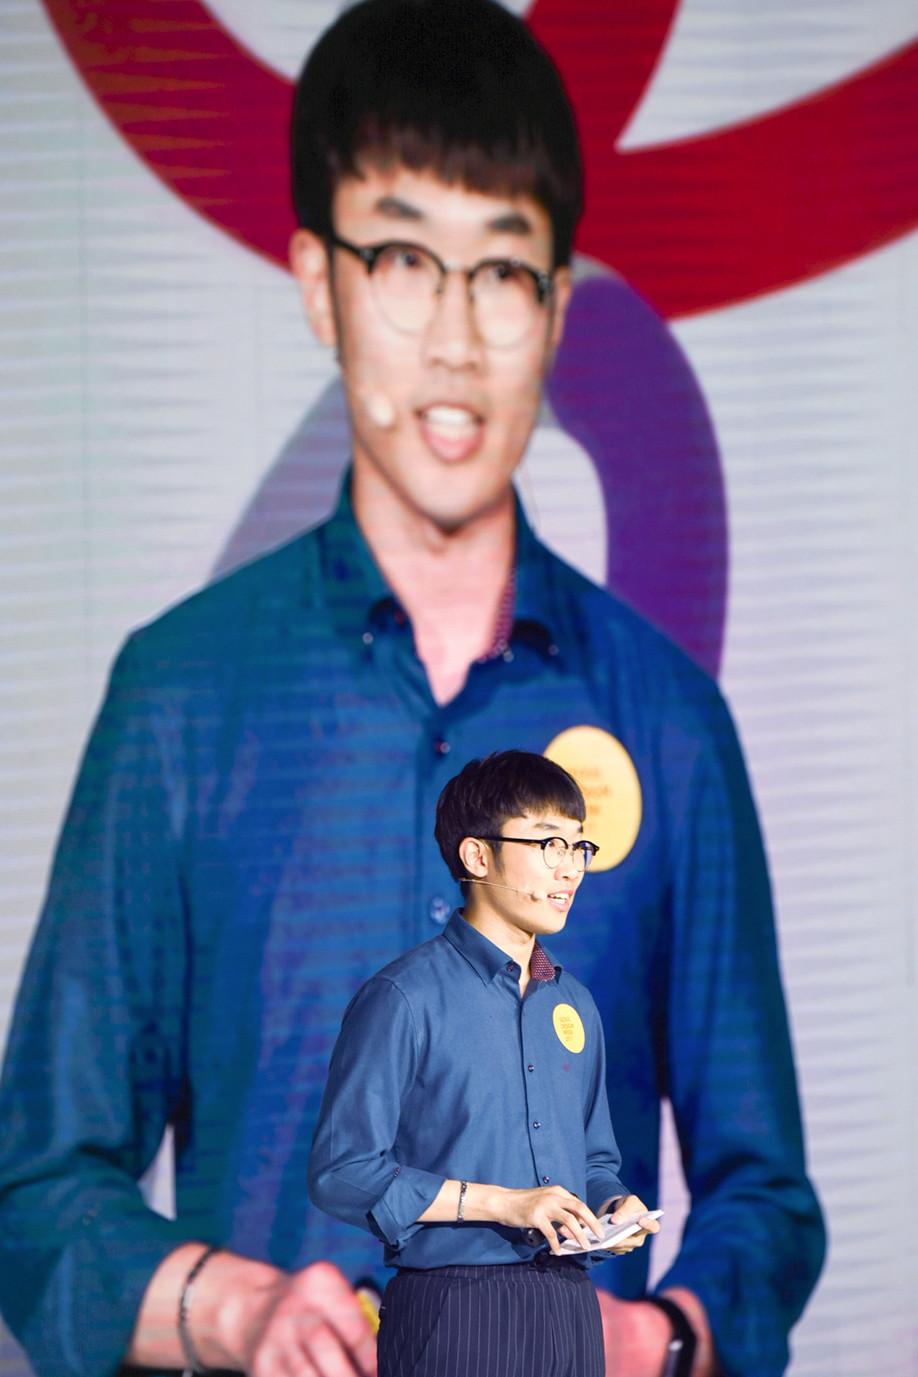 서울디자인위크 2017 On Stage 발랄한 악수 '더 나은 관계를 위한 디자인'